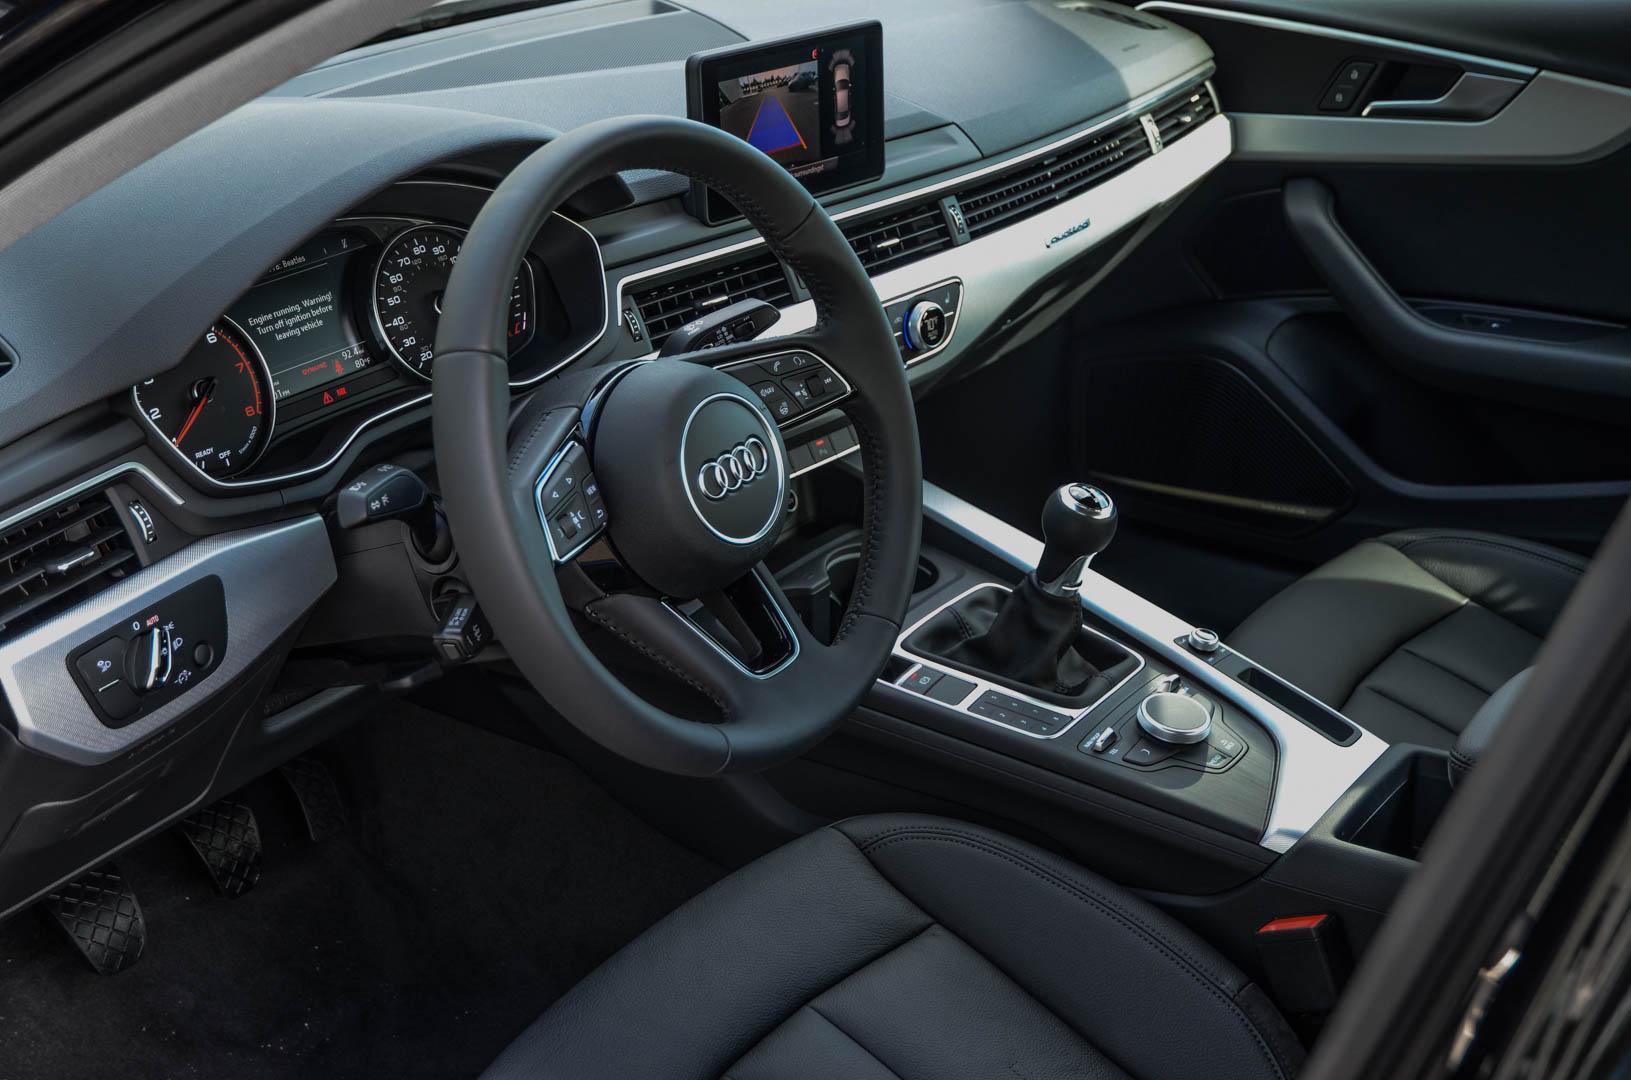 2017 audi a4 manual transmission release date